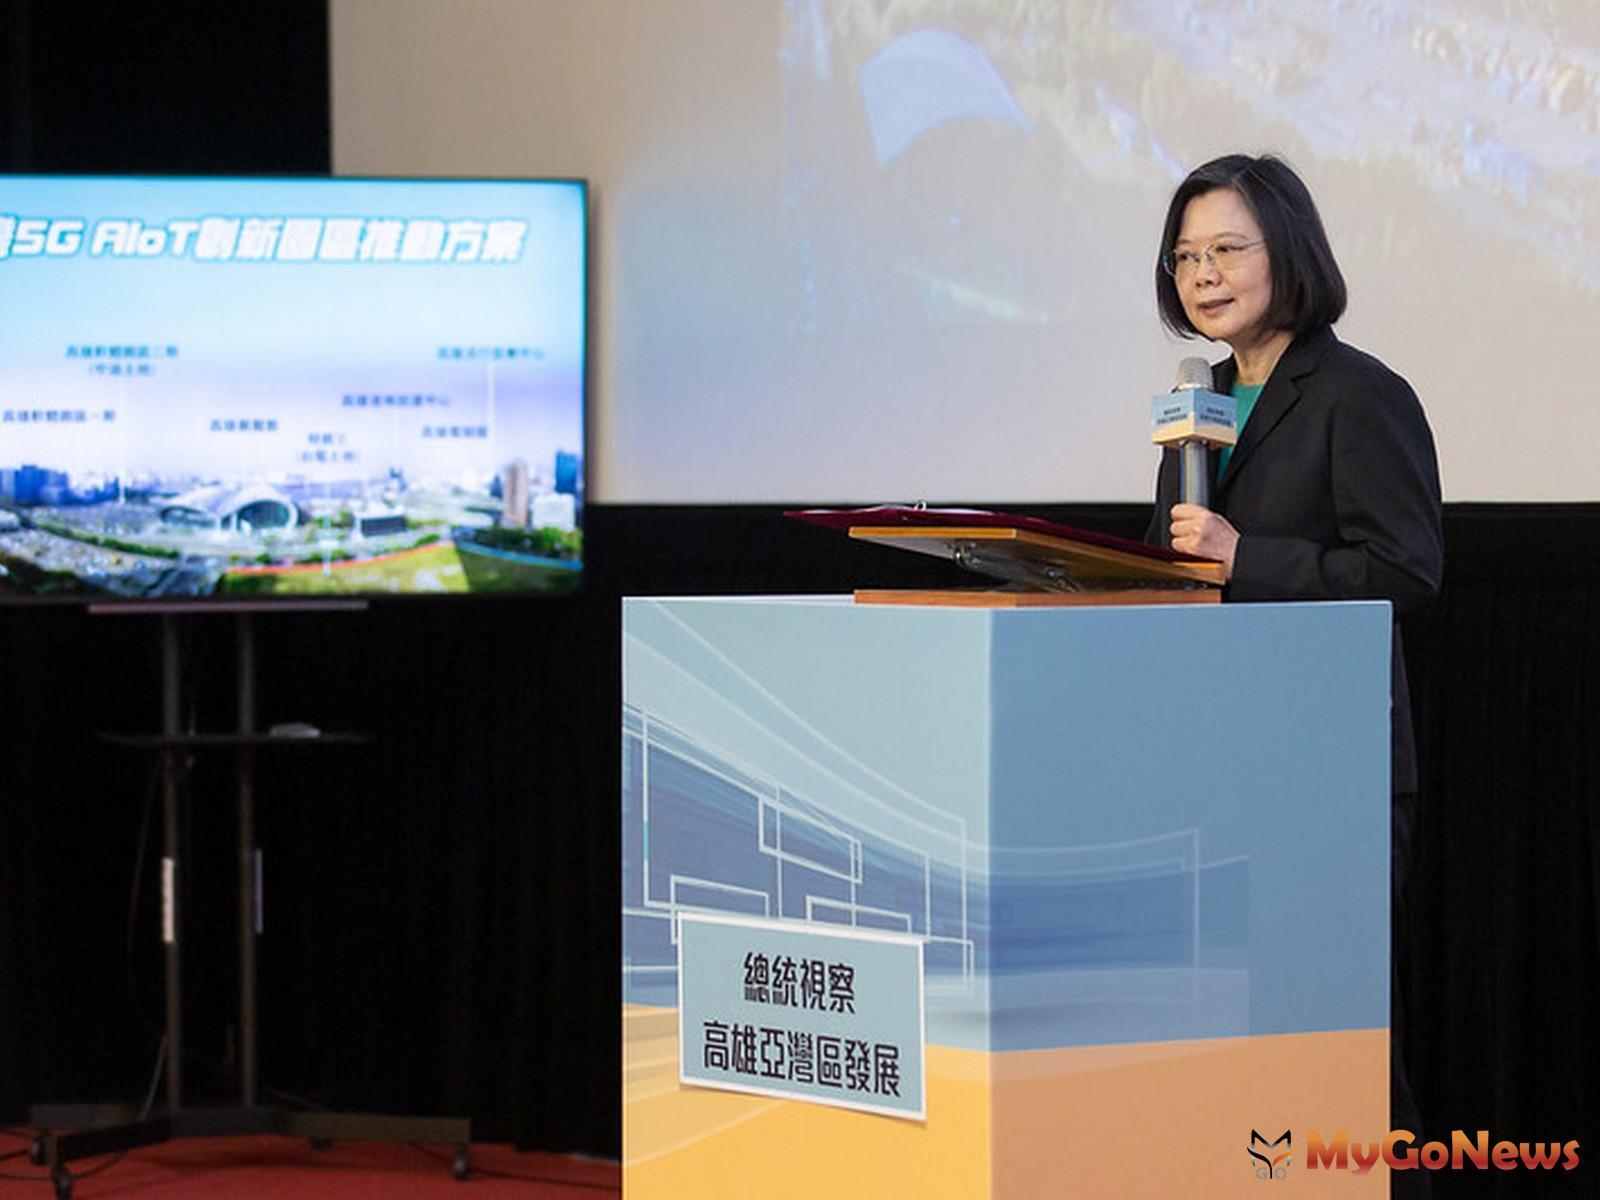 視察「台灣亞灣區發展案」 總統盼促進區域均衡發展 讓台灣每個地方都能有更高的發展能量(圖/總統府) MyGoNews房地產新聞 區域情報